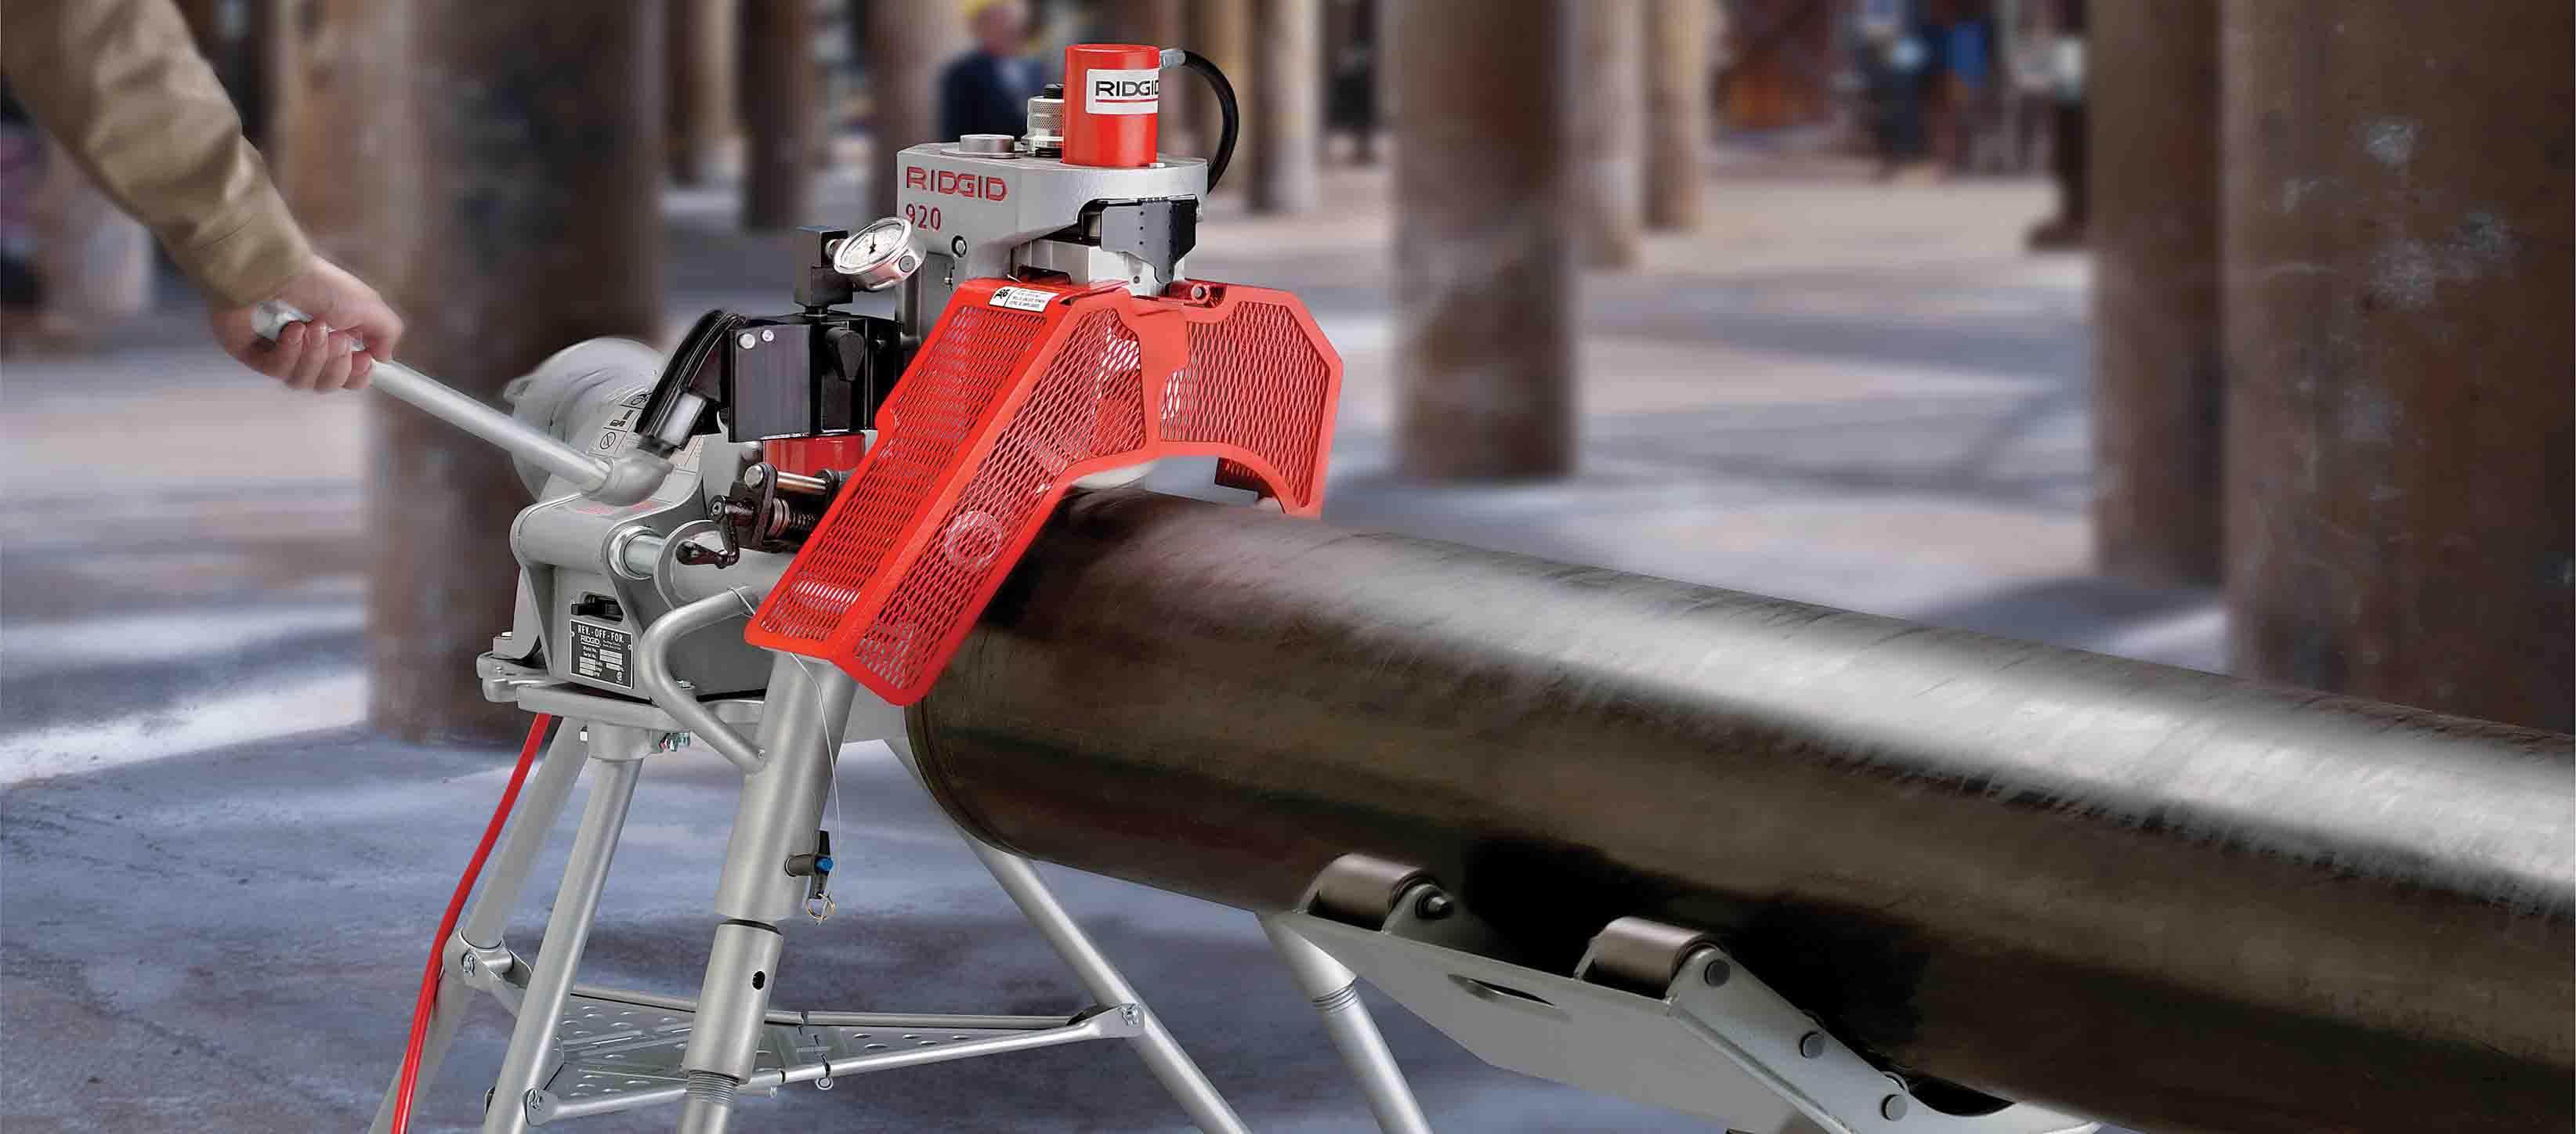 Herramientas RIDGID en Mexican Machinery Co.